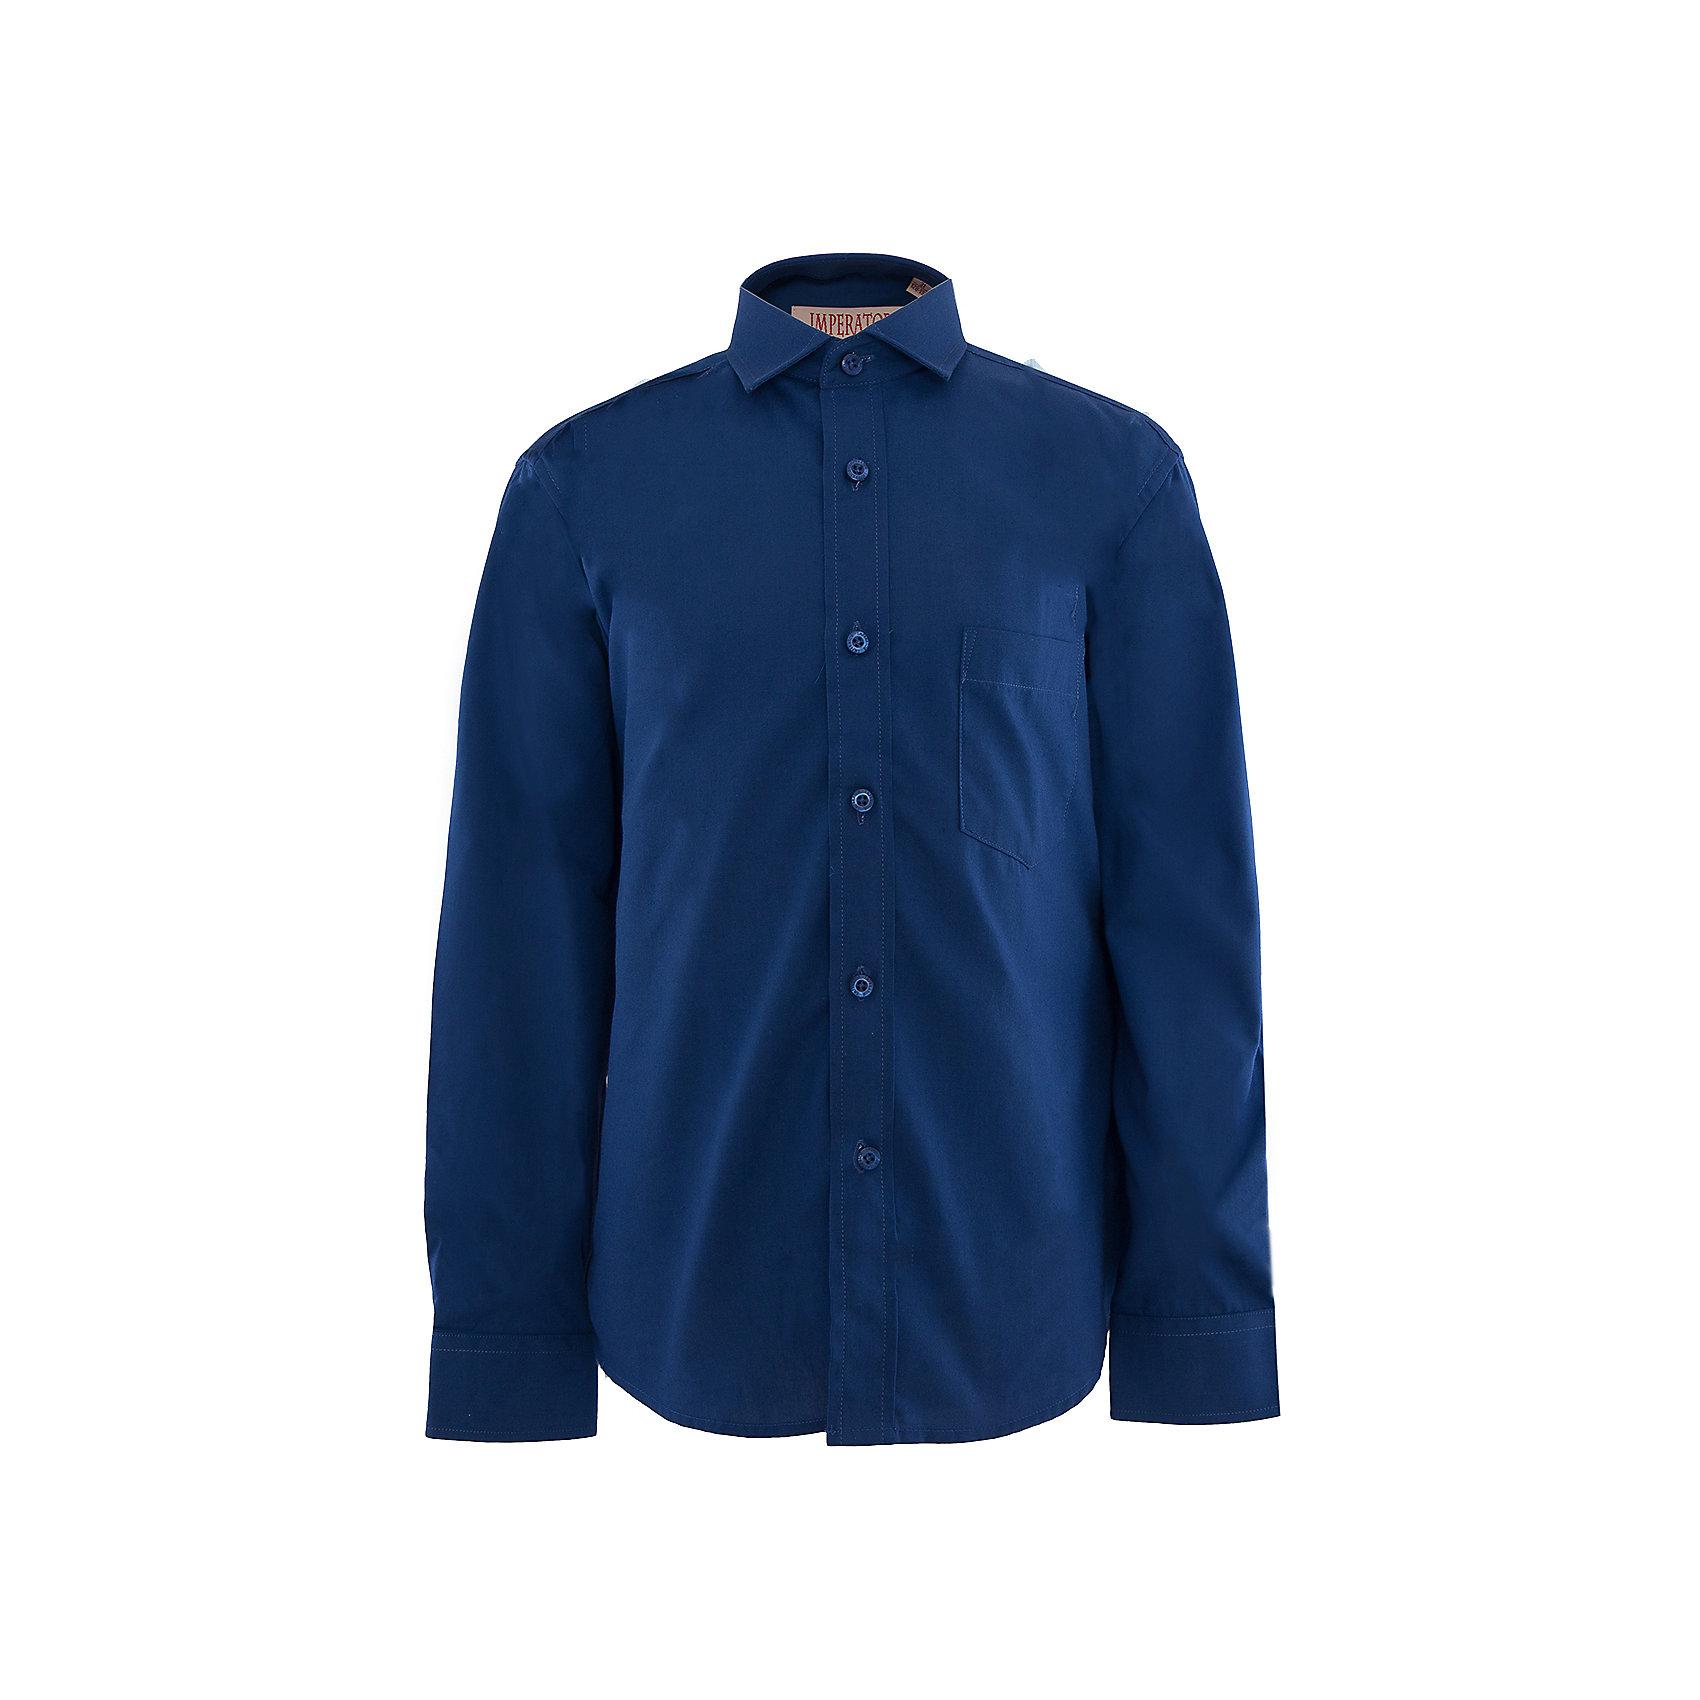 Рубашка для мальчика ImperatorБлузки и рубашки<br>Классическая рубашка - неотьемлемая вещь в гардеробе. Модель на пуговицах, с отложным воротником. Свободный покрой не стеснит движений и позволит чувствовать себя комфортно каждый день.  Состав 55 % хл. 45% П/Э<br><br>Ширина мм: 174<br>Глубина мм: 10<br>Высота мм: 169<br>Вес г: 157<br>Цвет: синий<br>Возраст от месяцев: 84<br>Возраст до месяцев: 96<br>Пол: Мужской<br>Возраст: Детский<br>Размер: 122/128,134/140,140/146,146/152,158/164,164/170,152/158,128/134<br>SKU: 4749491